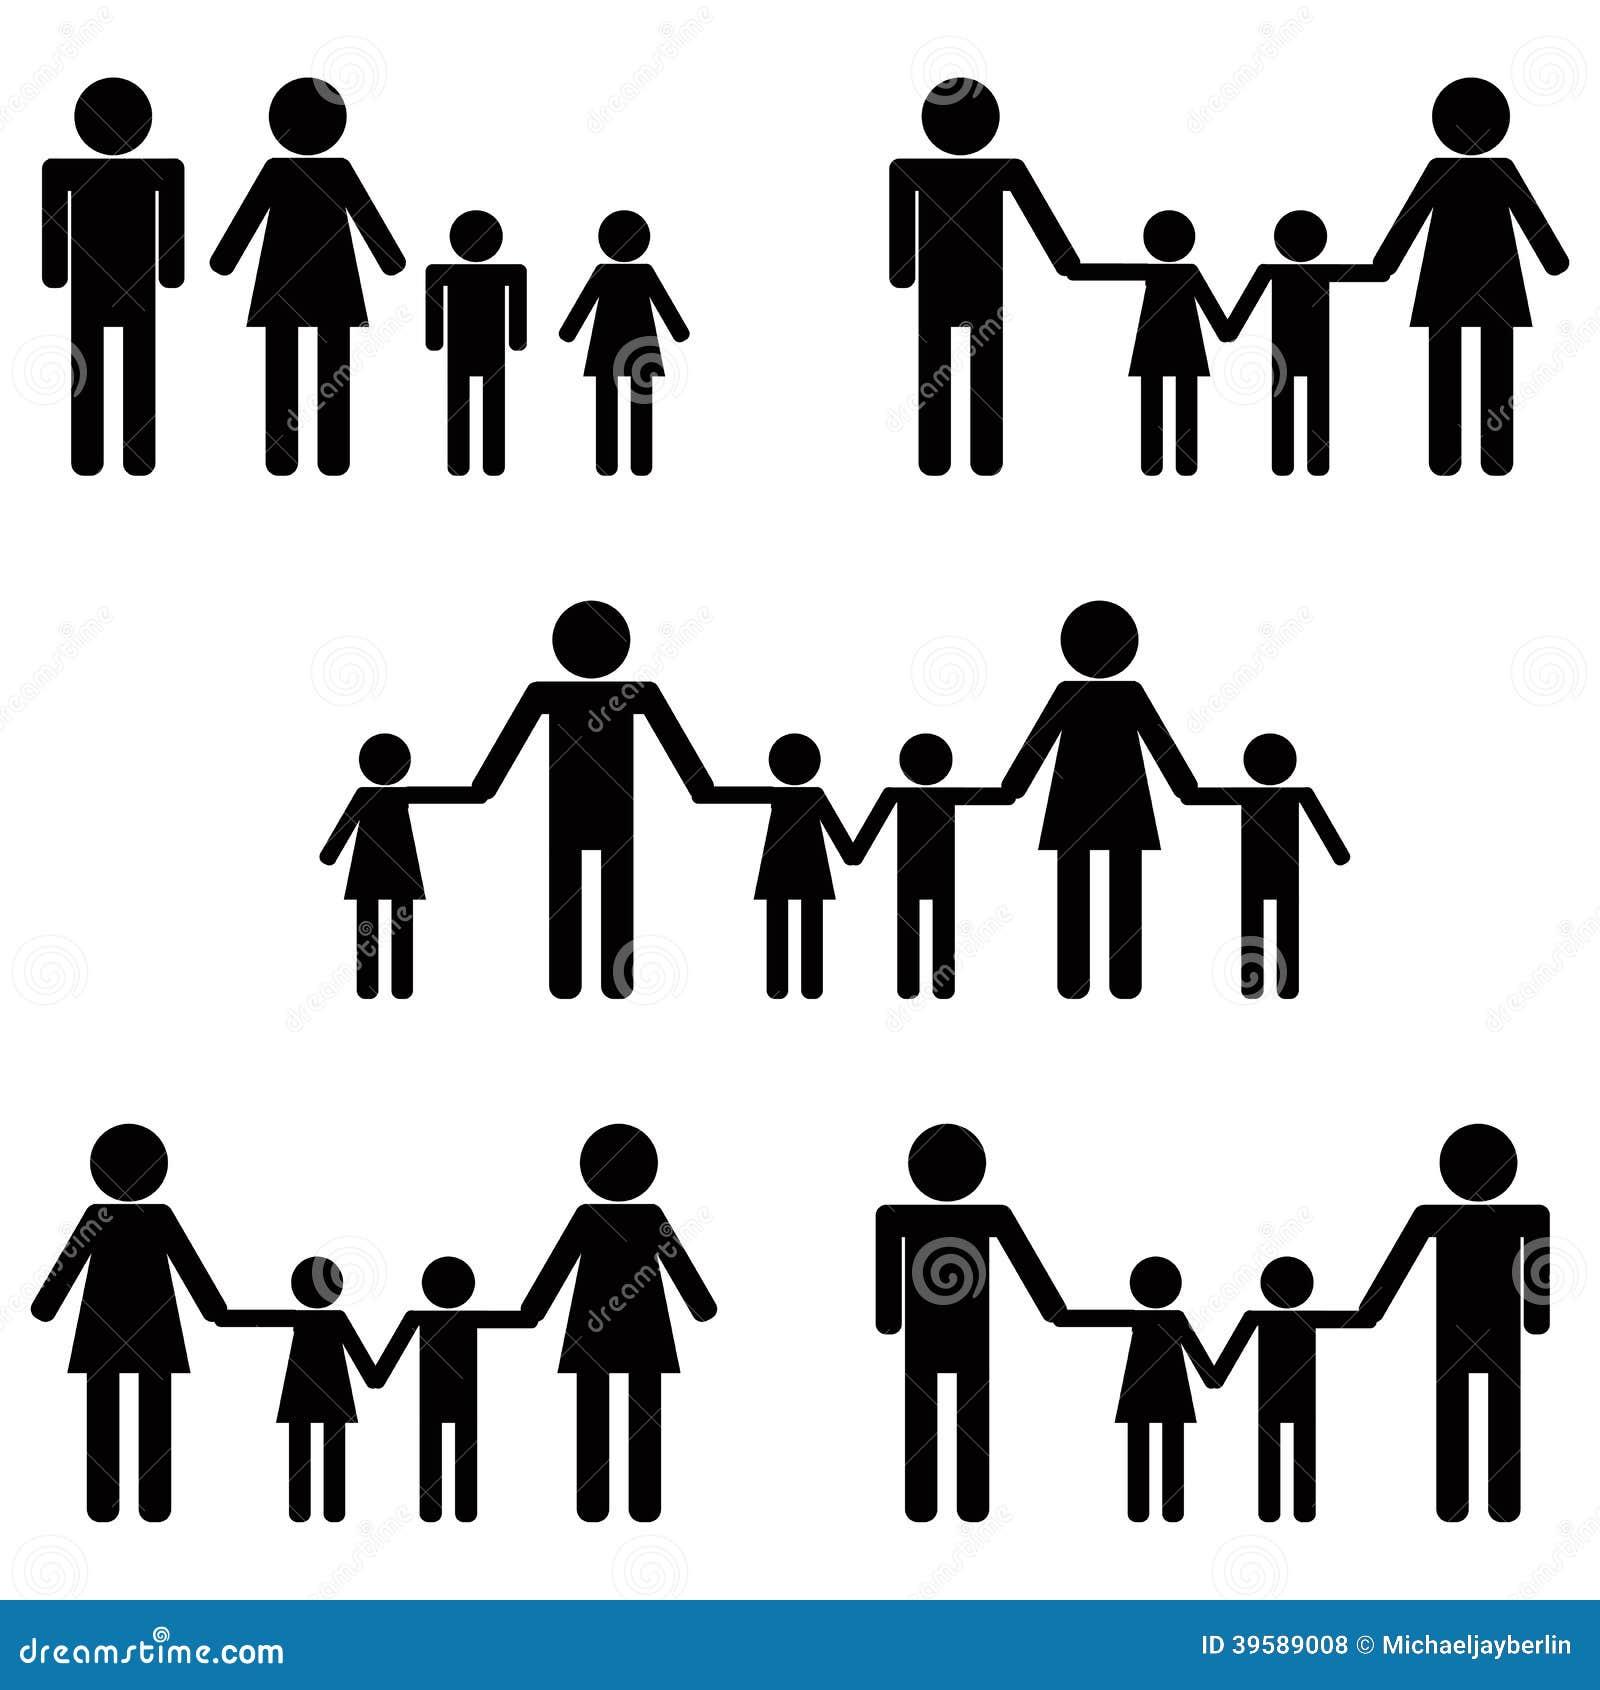 vader lesbian singles Single vader older men interested in senior dating looking for vader older men  single older women single lesbian older women browse members in vader.